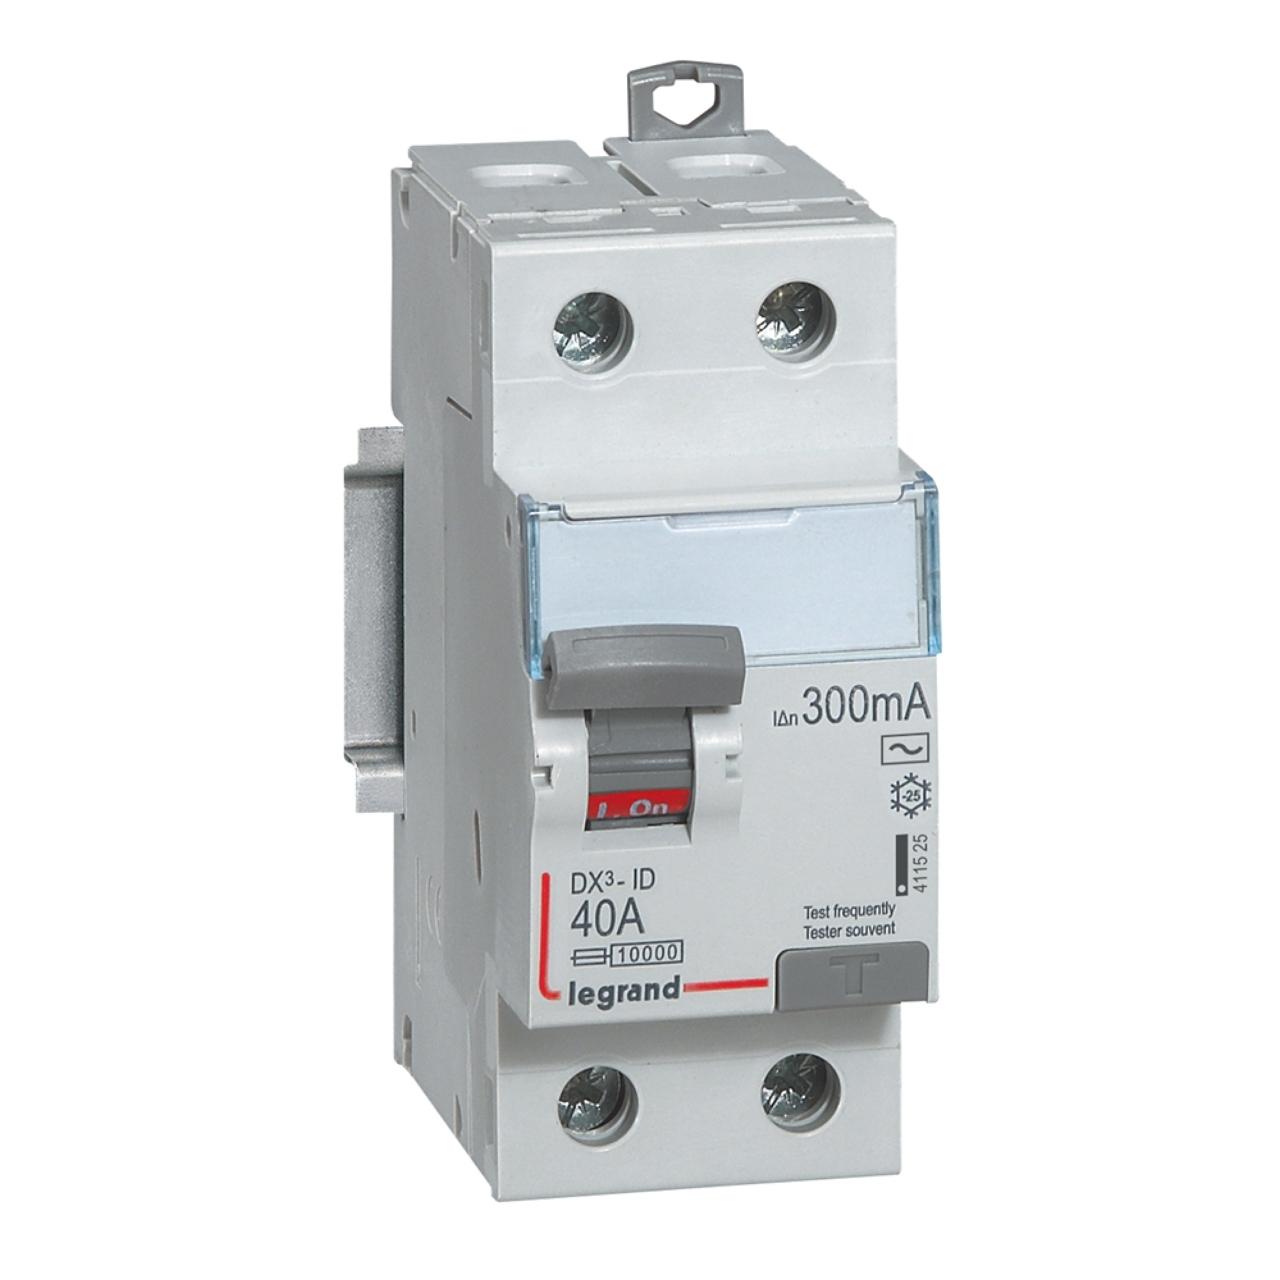 vis vis interrupteur diff/érentiel legrand dx3 25a 30ma 2 poles type ac